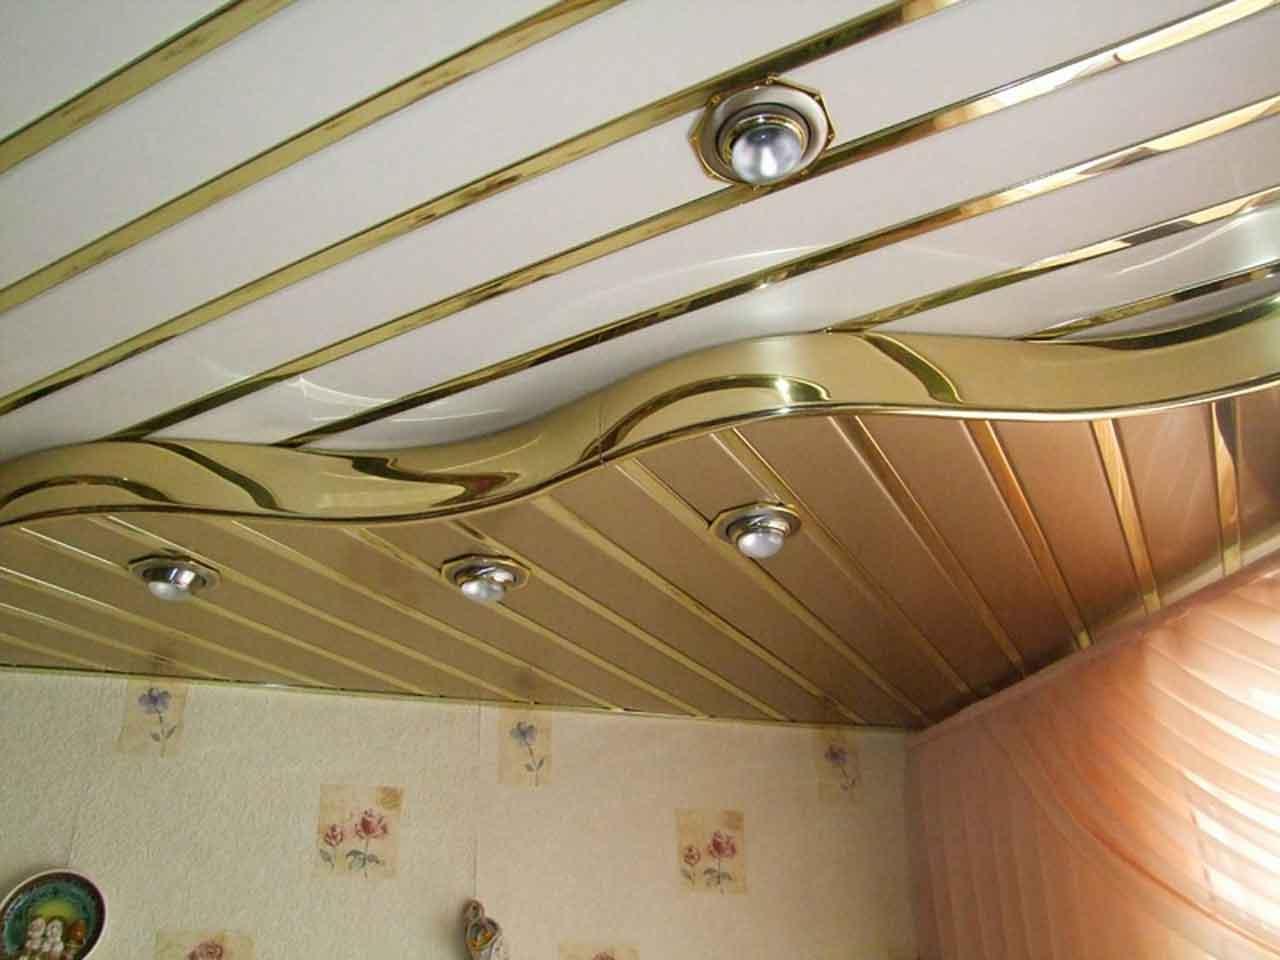 Вагонка пластиковая на потолок своими руками фото 460